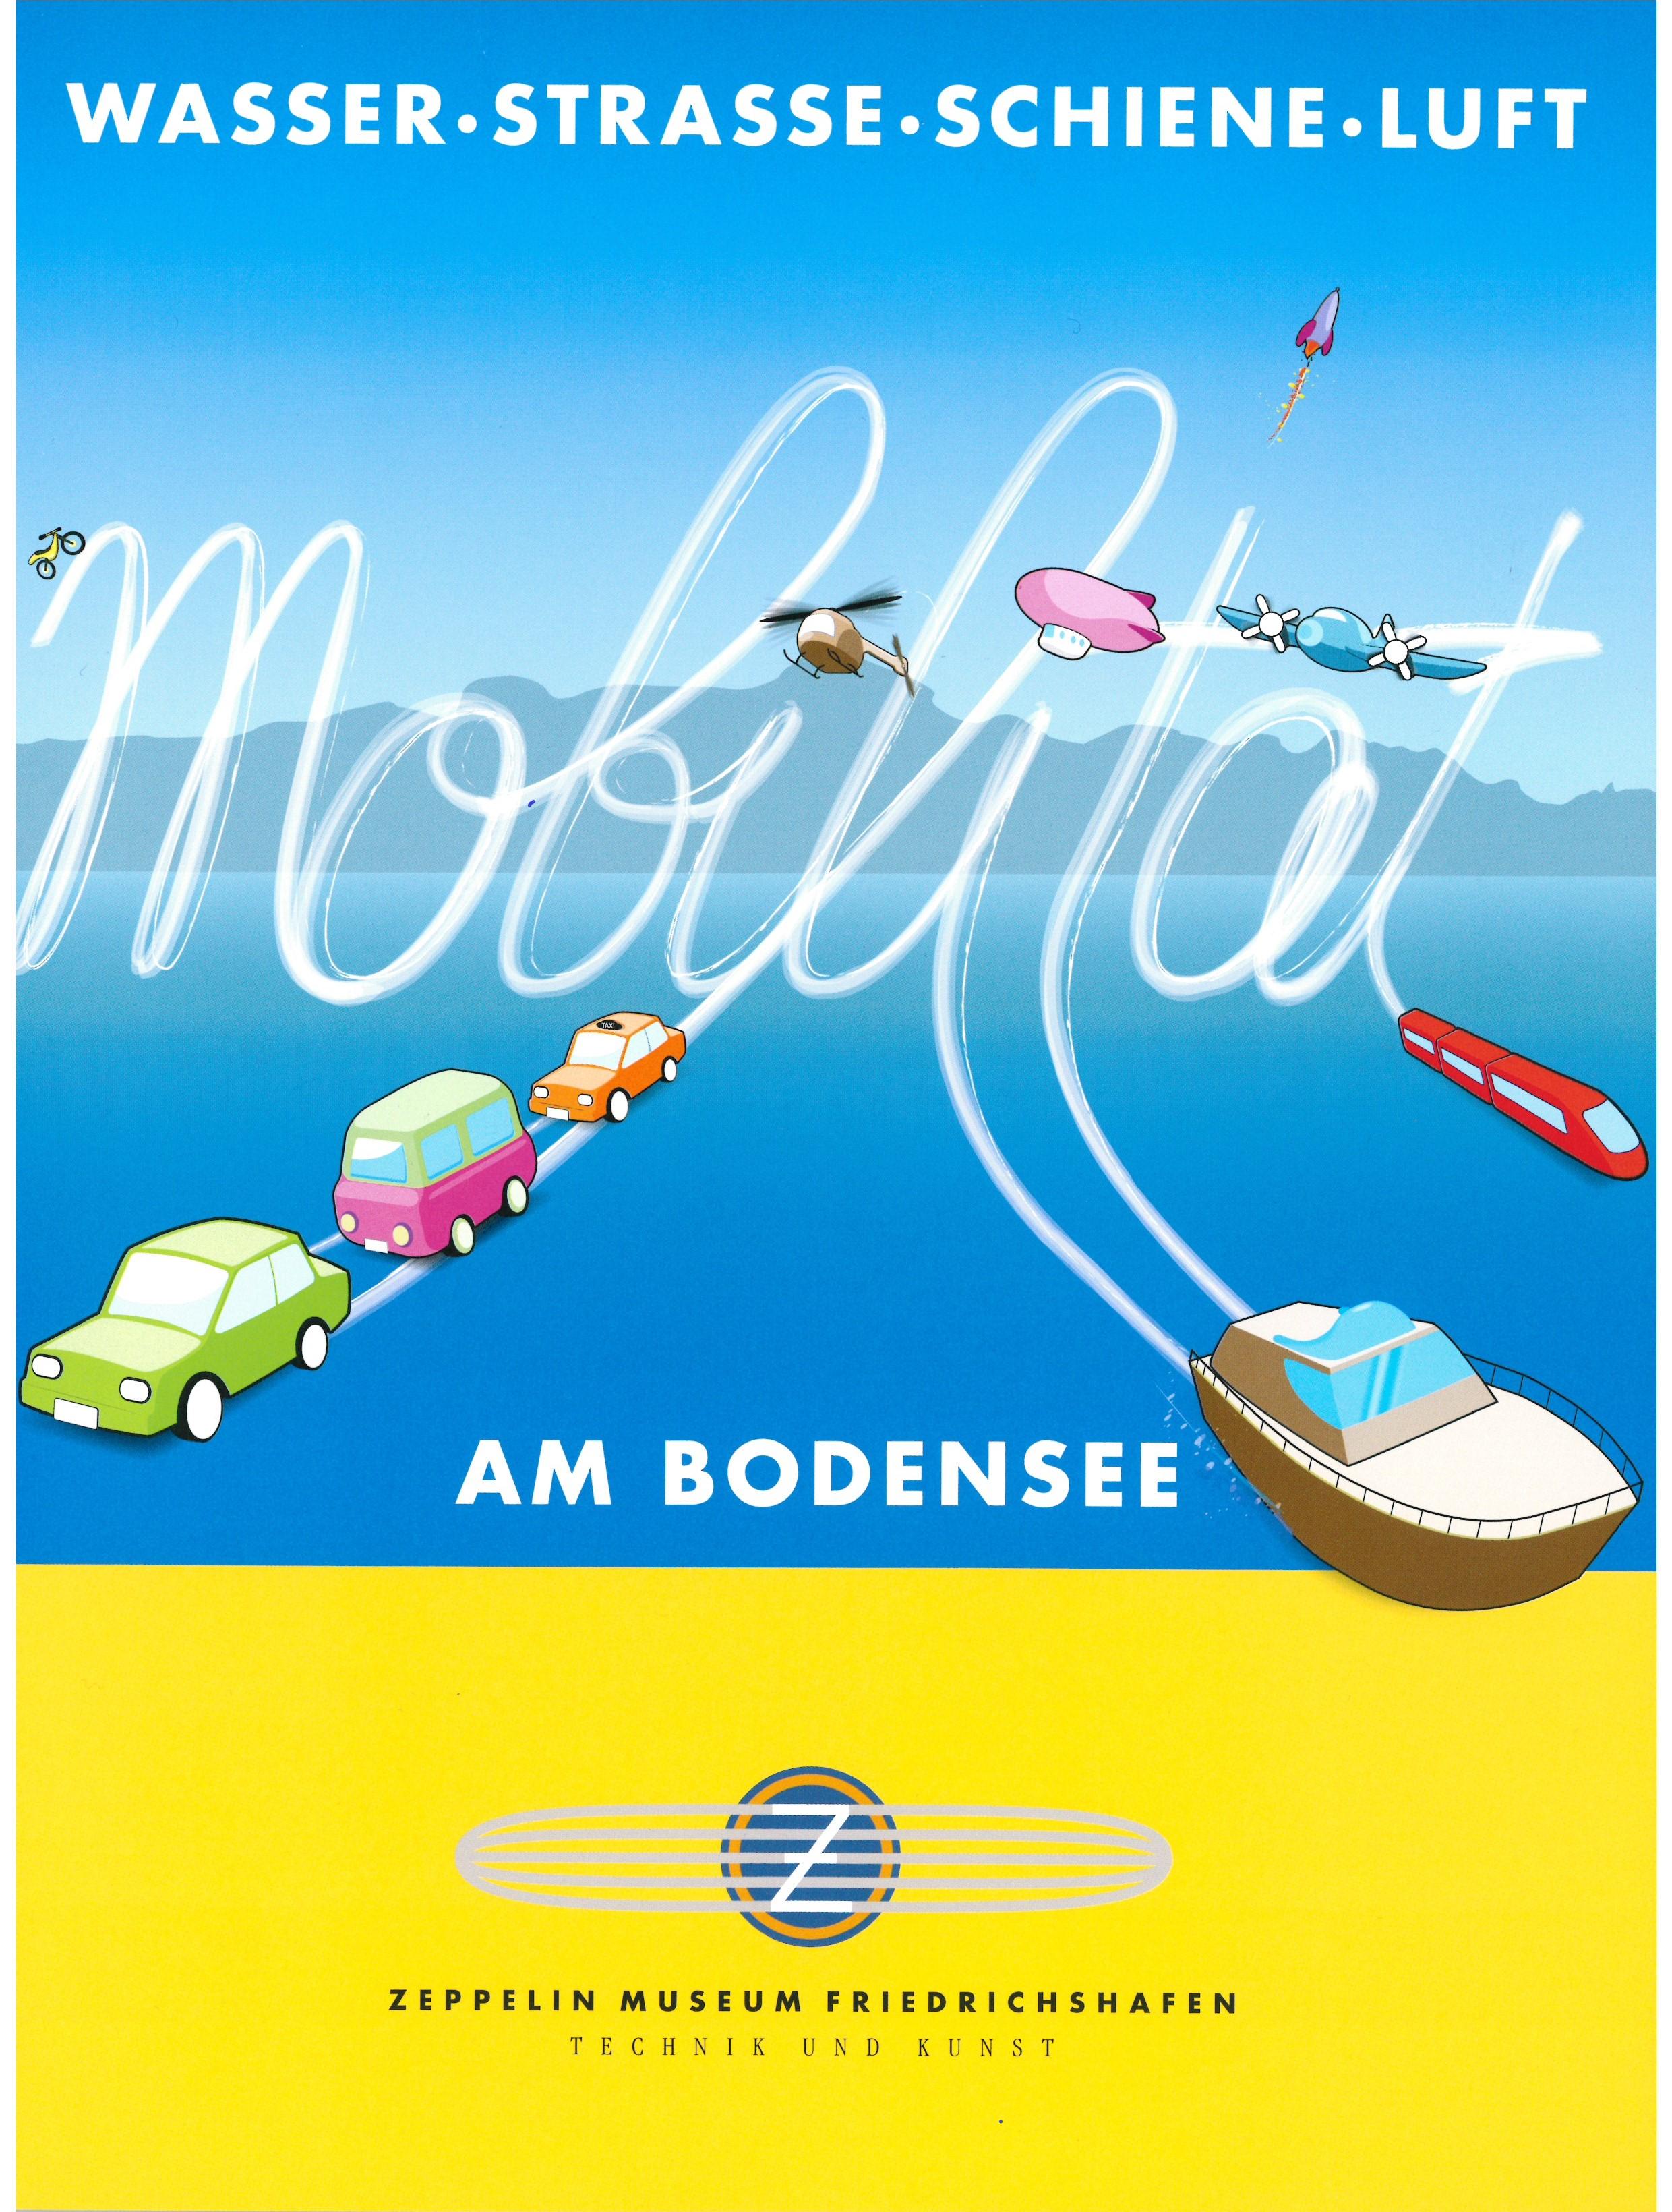 Broschüre Wasser • Strasse • Schiene • Luft - Mobilität am Bodensee